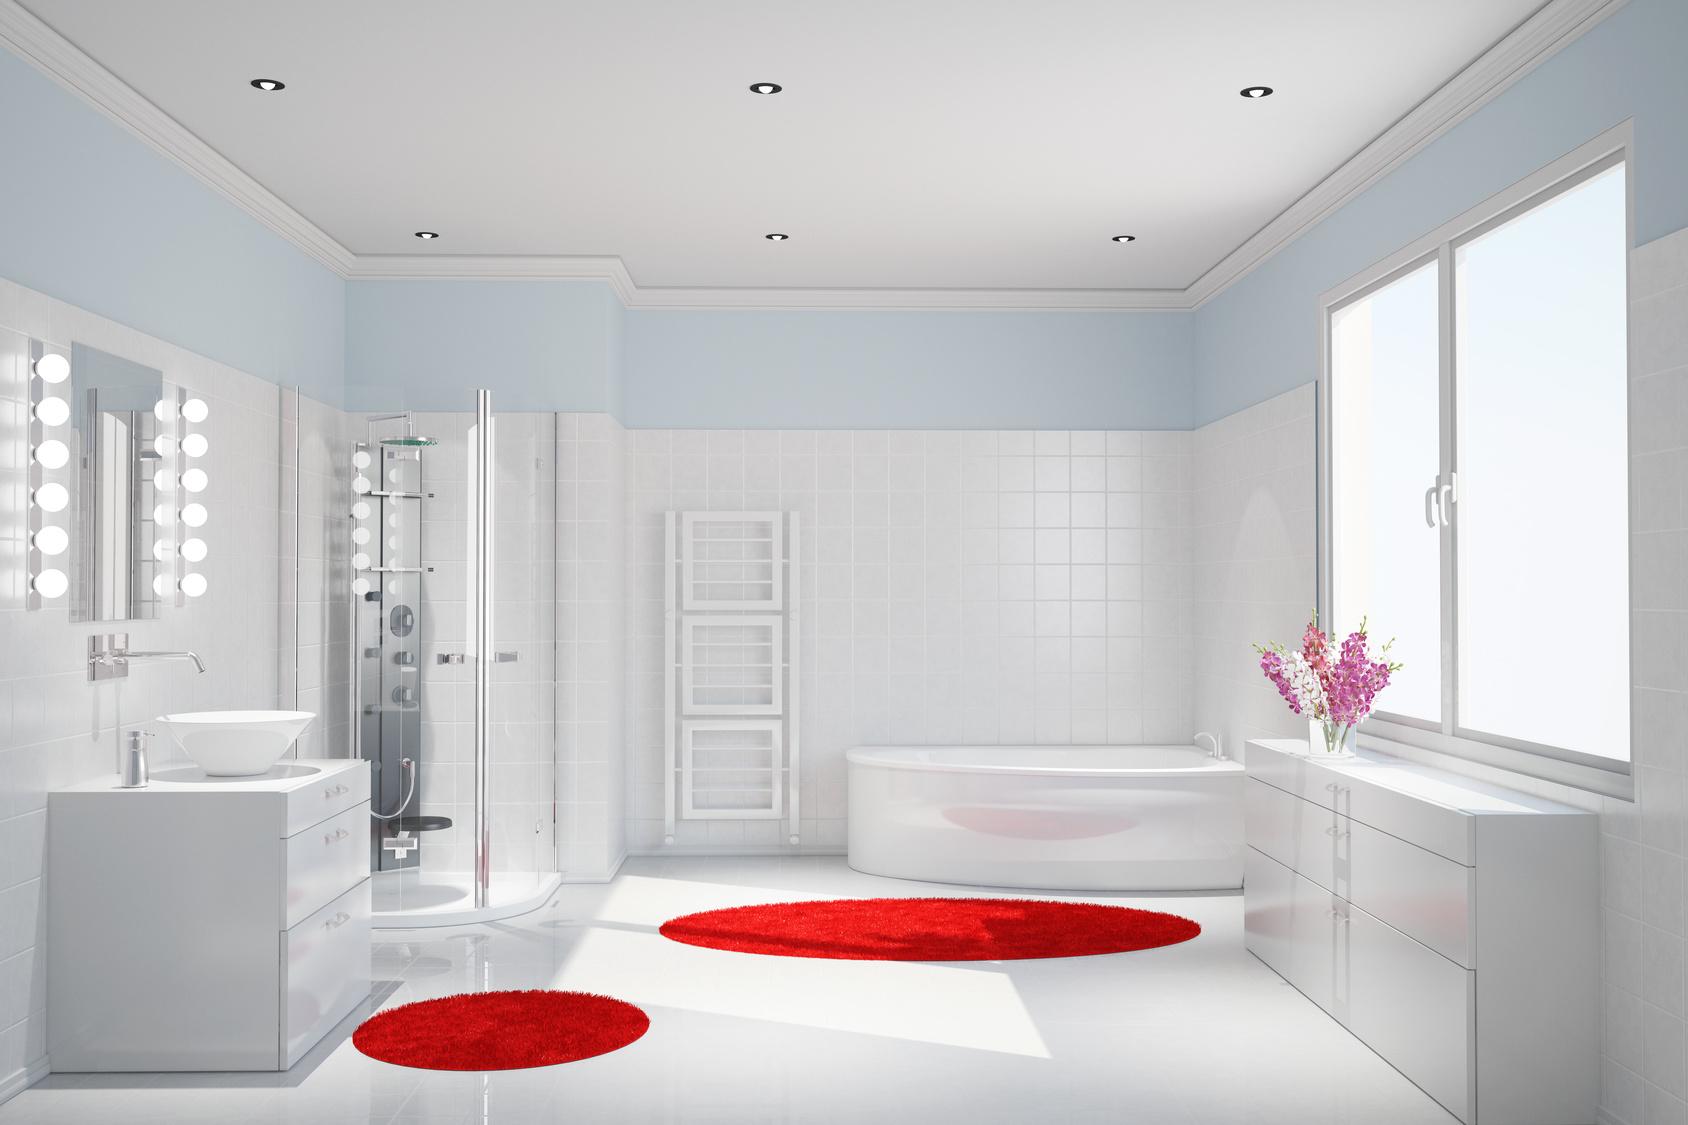 Modernes weißes Badezimmer mit Dusche und Badewanne